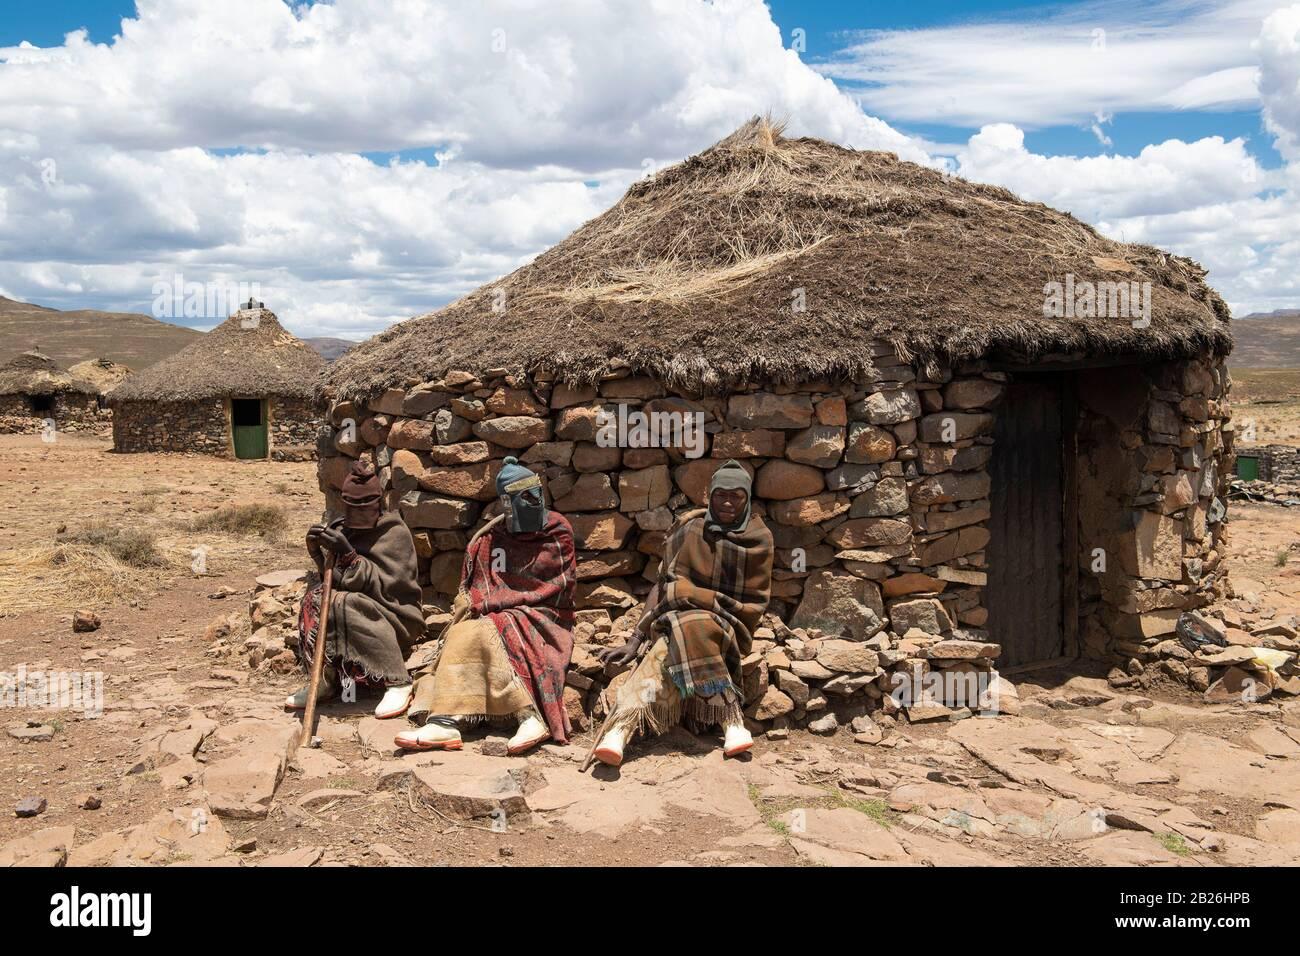 Pastores fuera de una cabaña, pueblo basotho, Sani Top, Lesotho Foto de stock